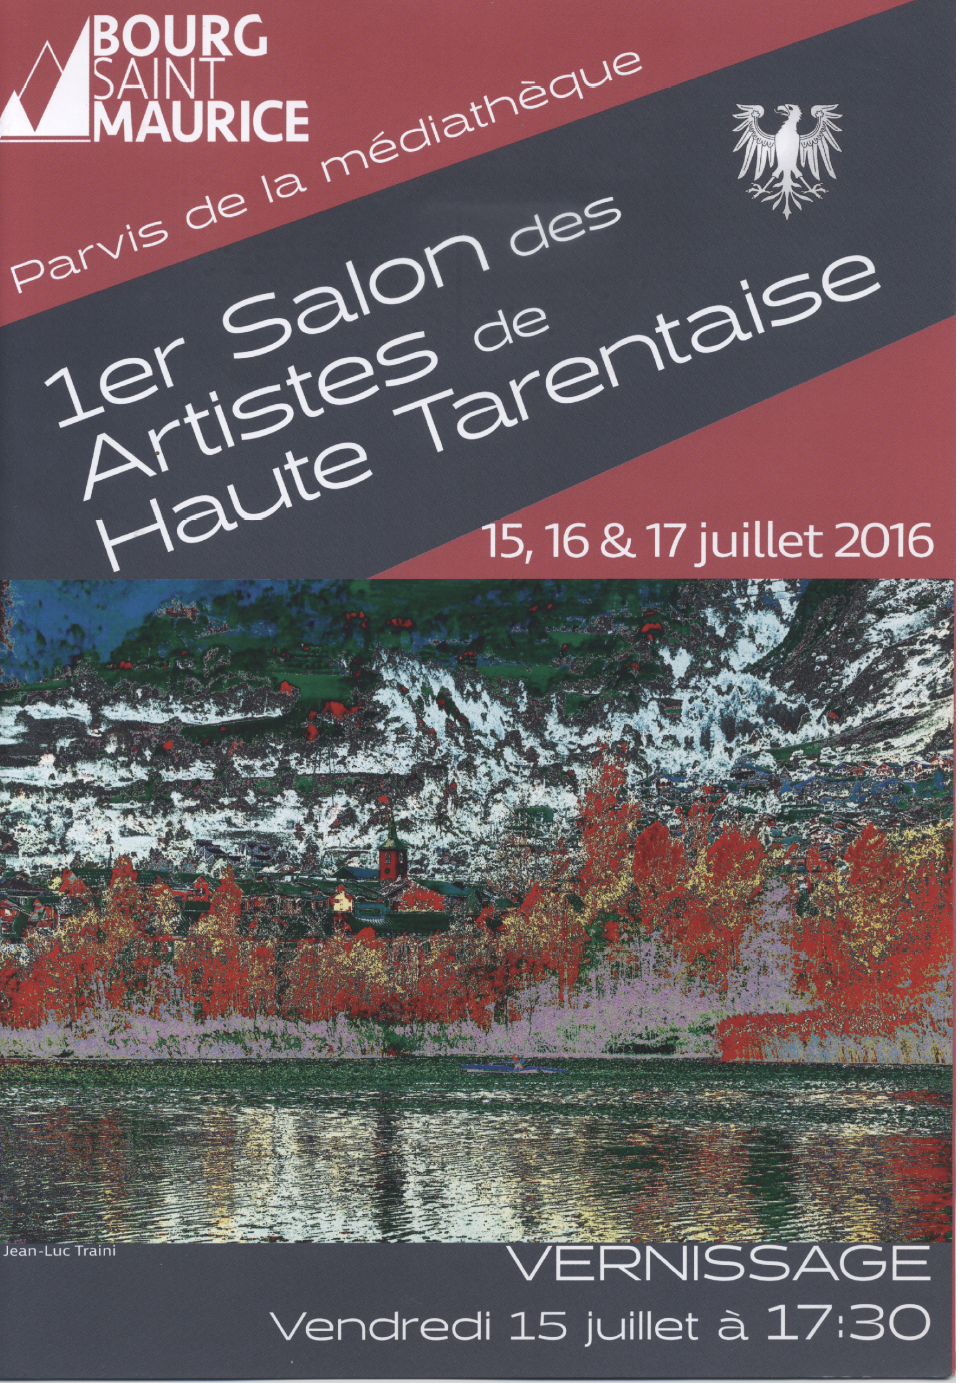 Affiche premier salon des artistes de Haute Tarentaise - Bourg Saint Maurice 73700 - Atelier Mucyol